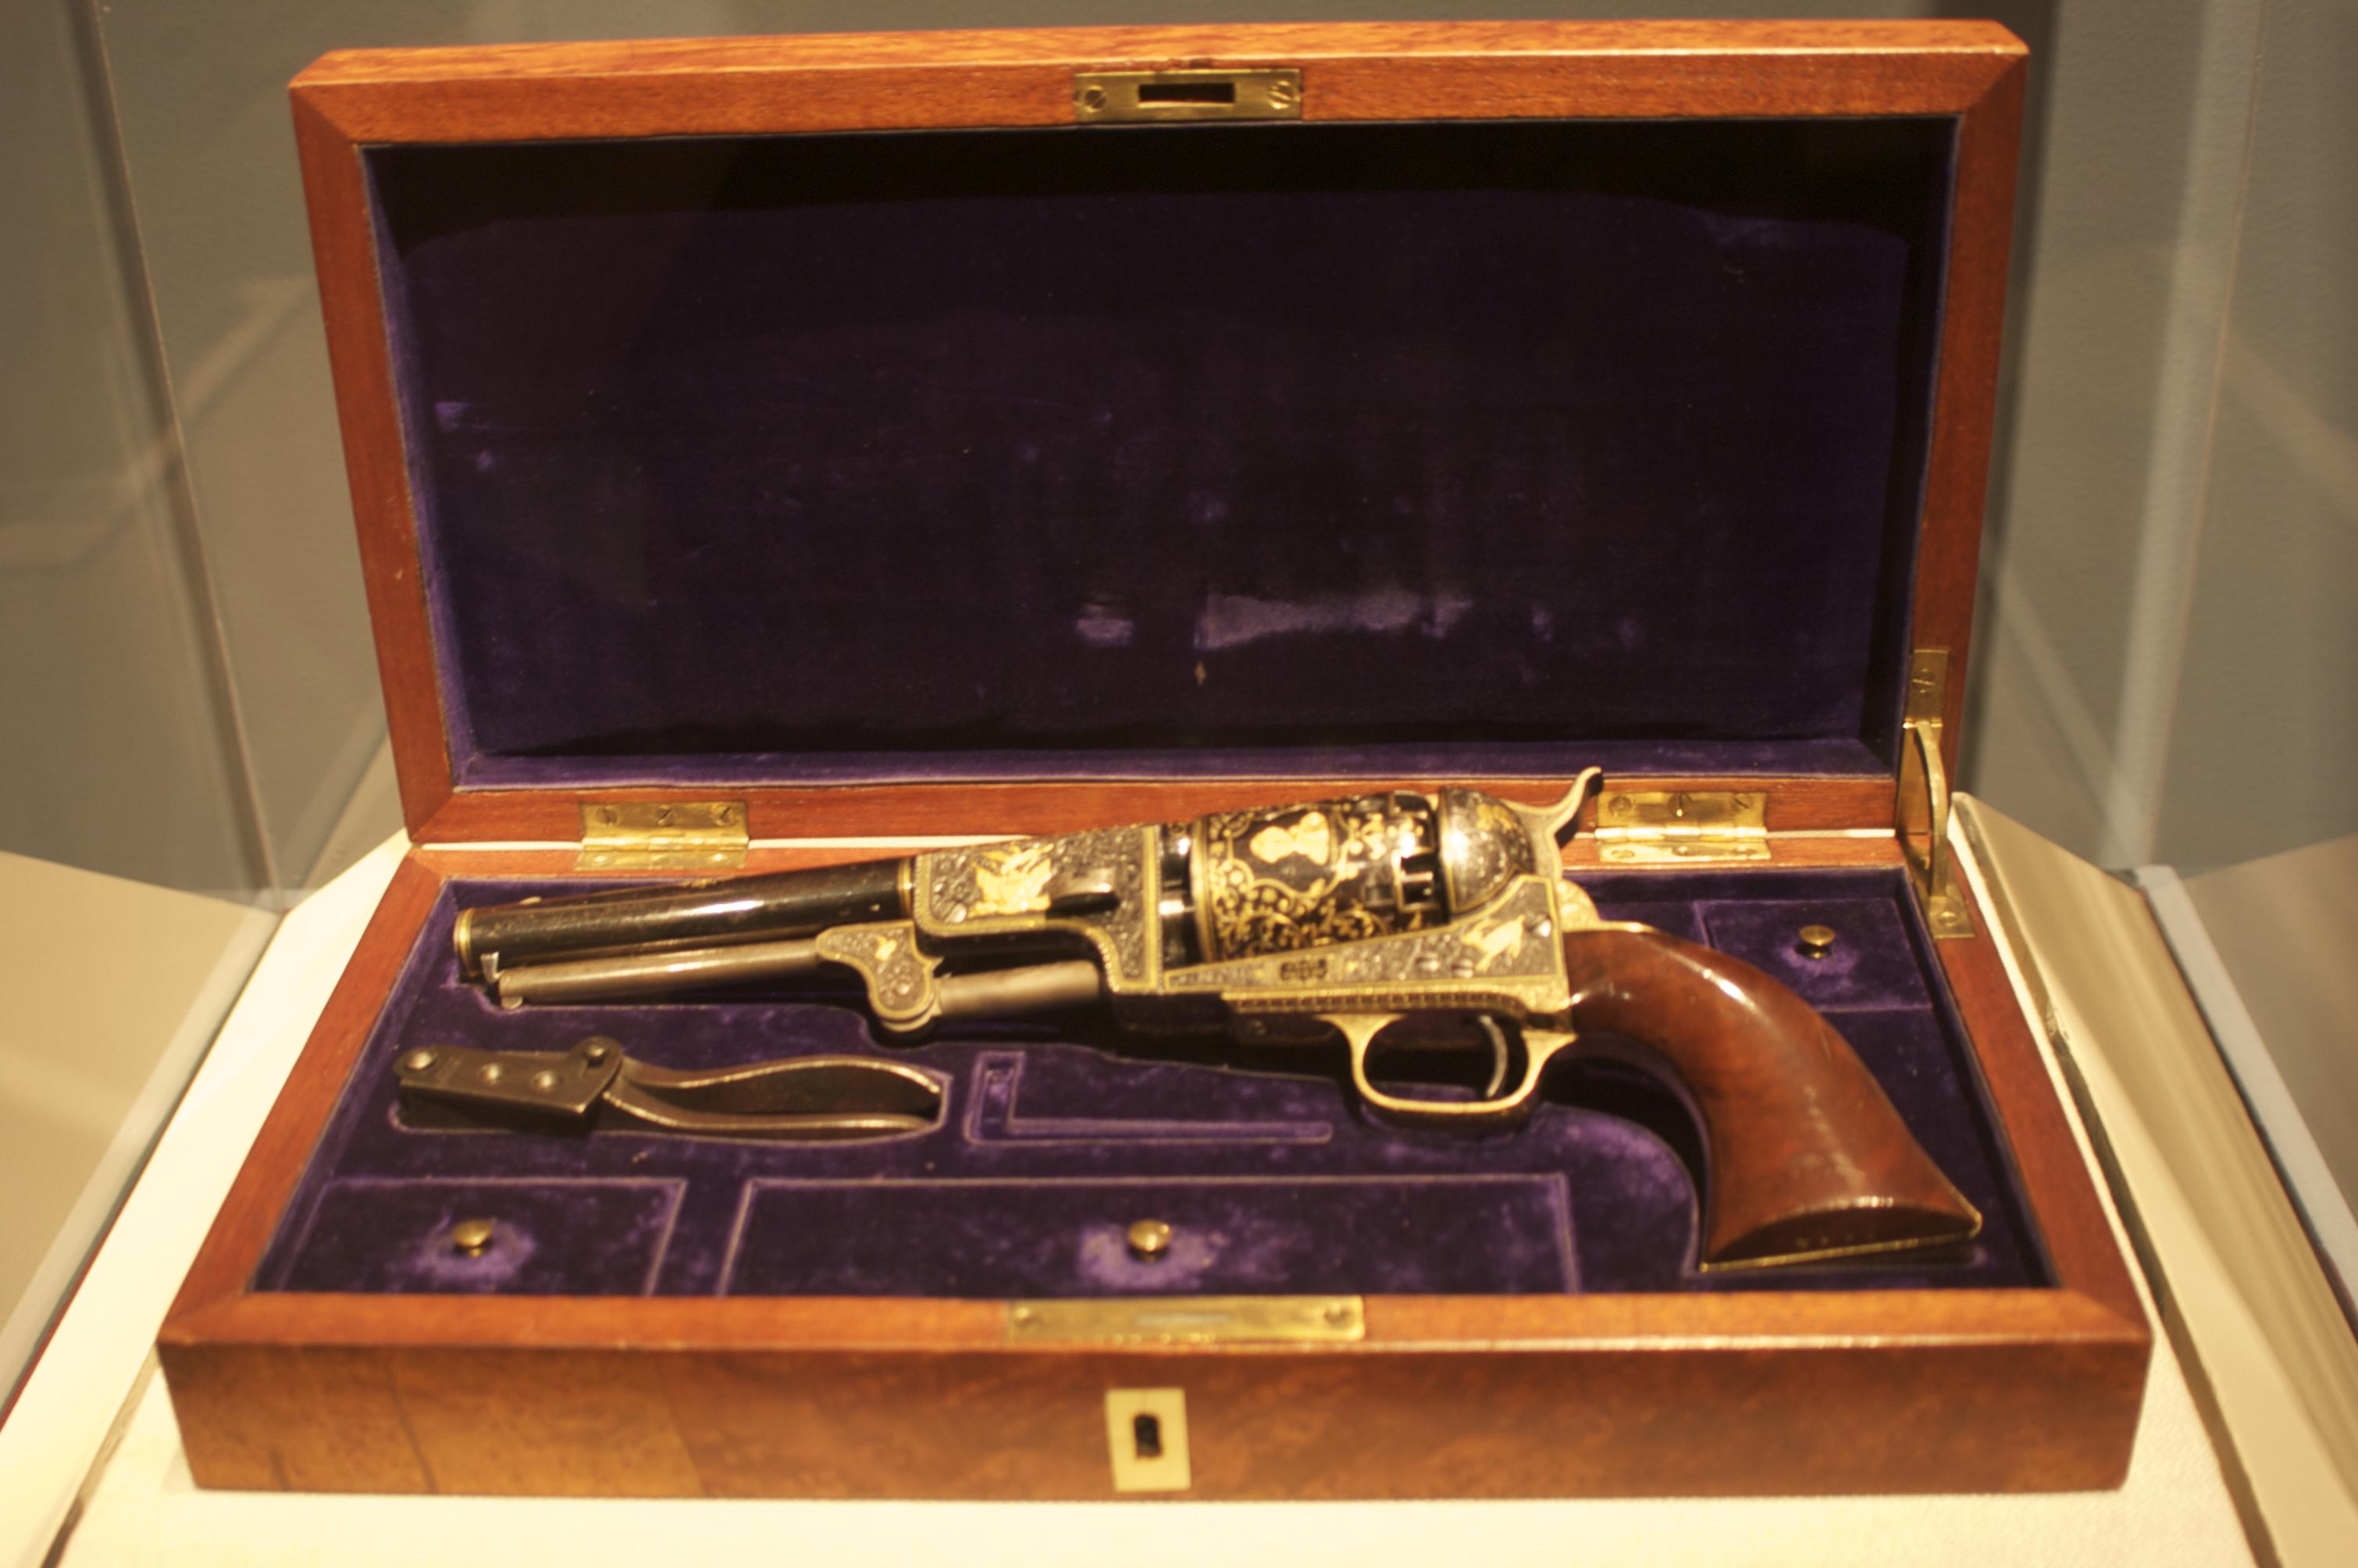 револьвер подаренный турецкому султану - Сэмюэль Кольт